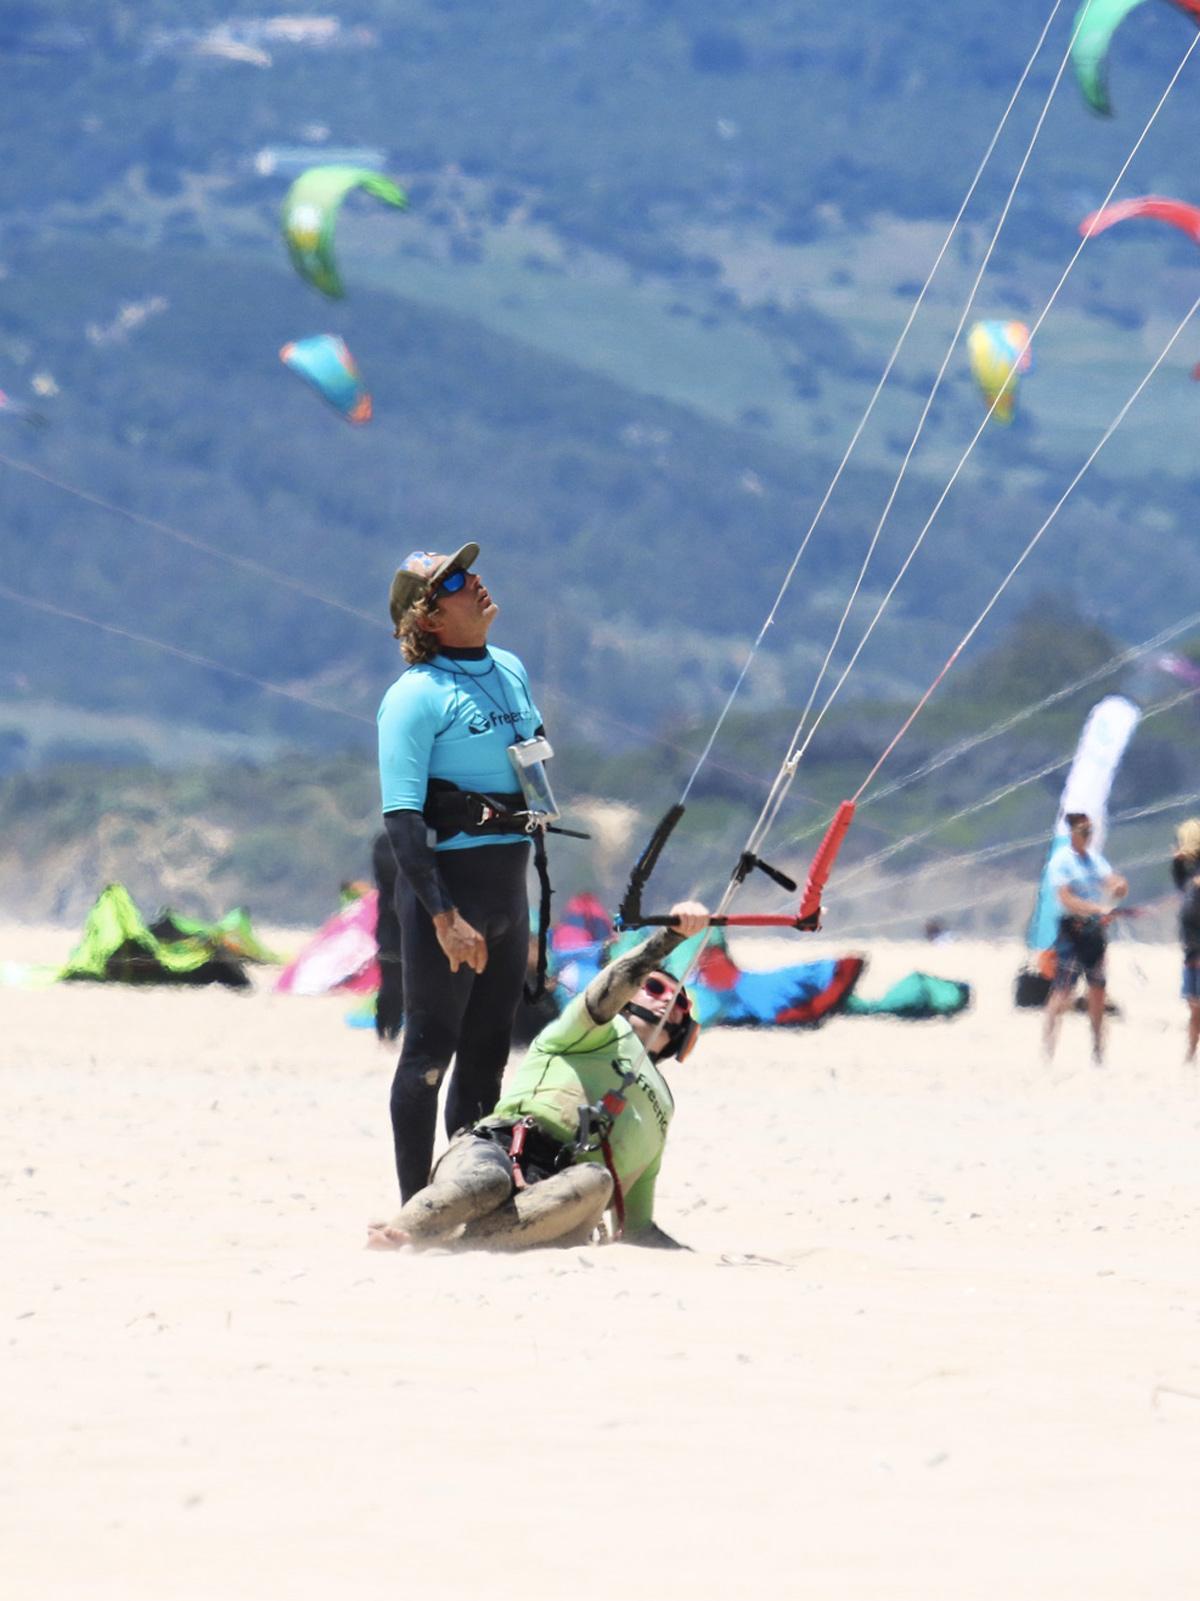 le contrôle du kite à los Lances, Tarifa